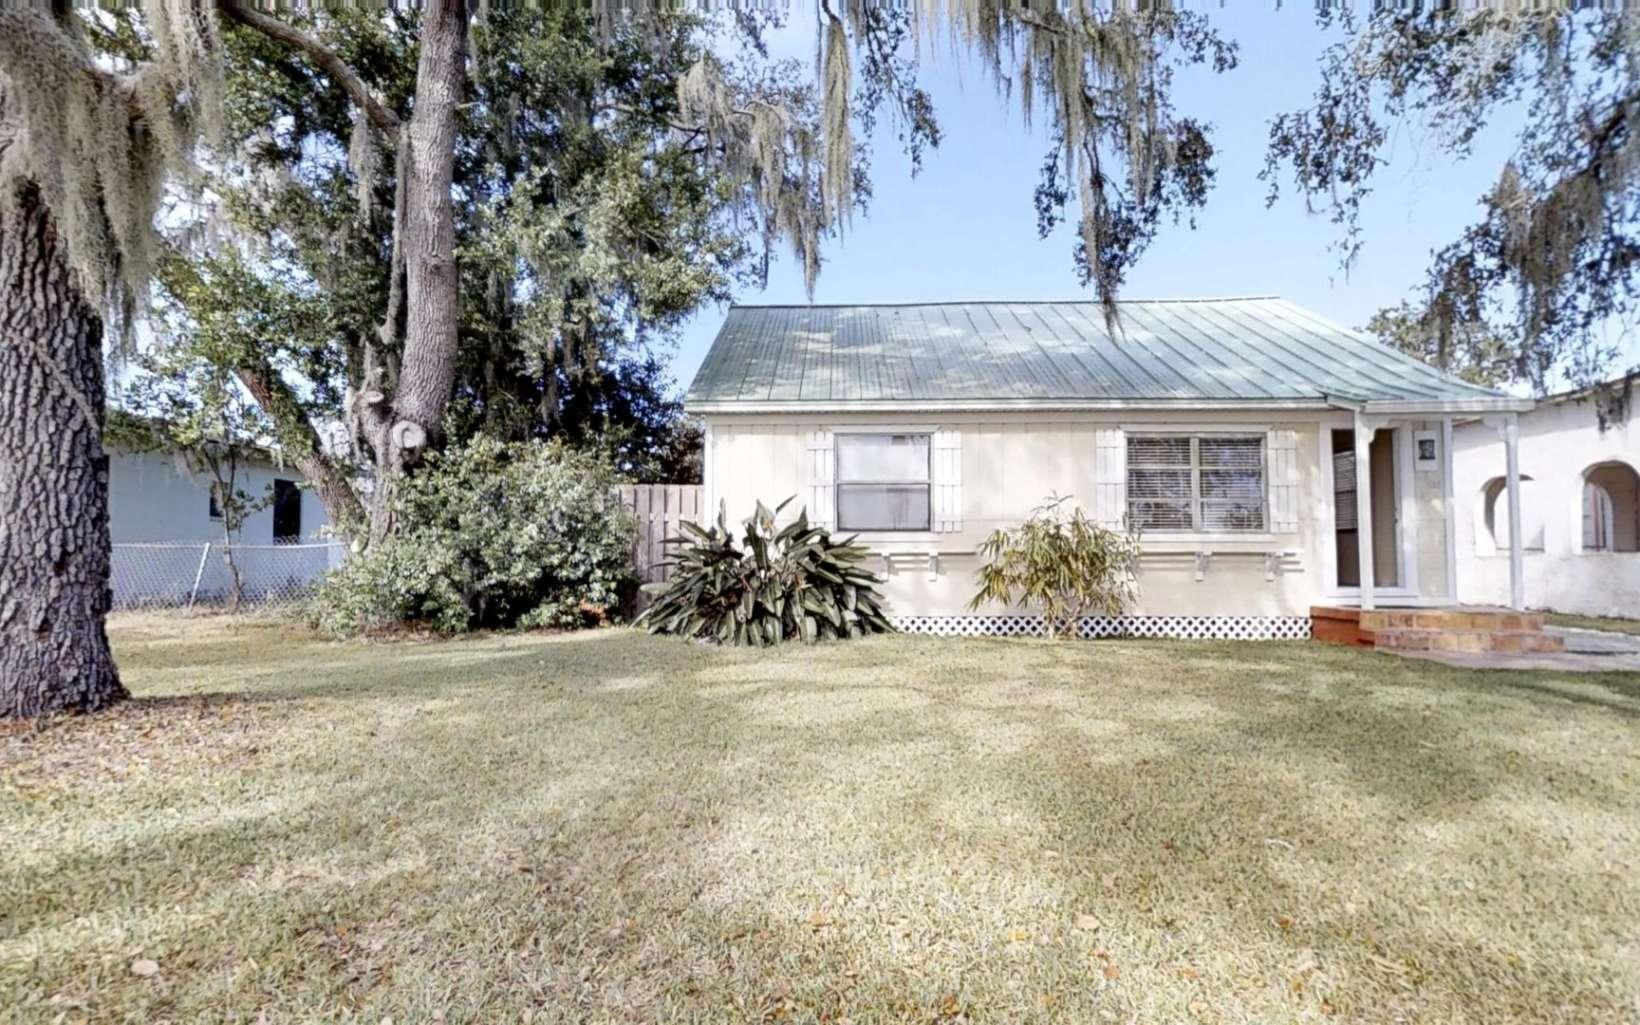 844 Woodlawn Dr, Sebring, FL 33870